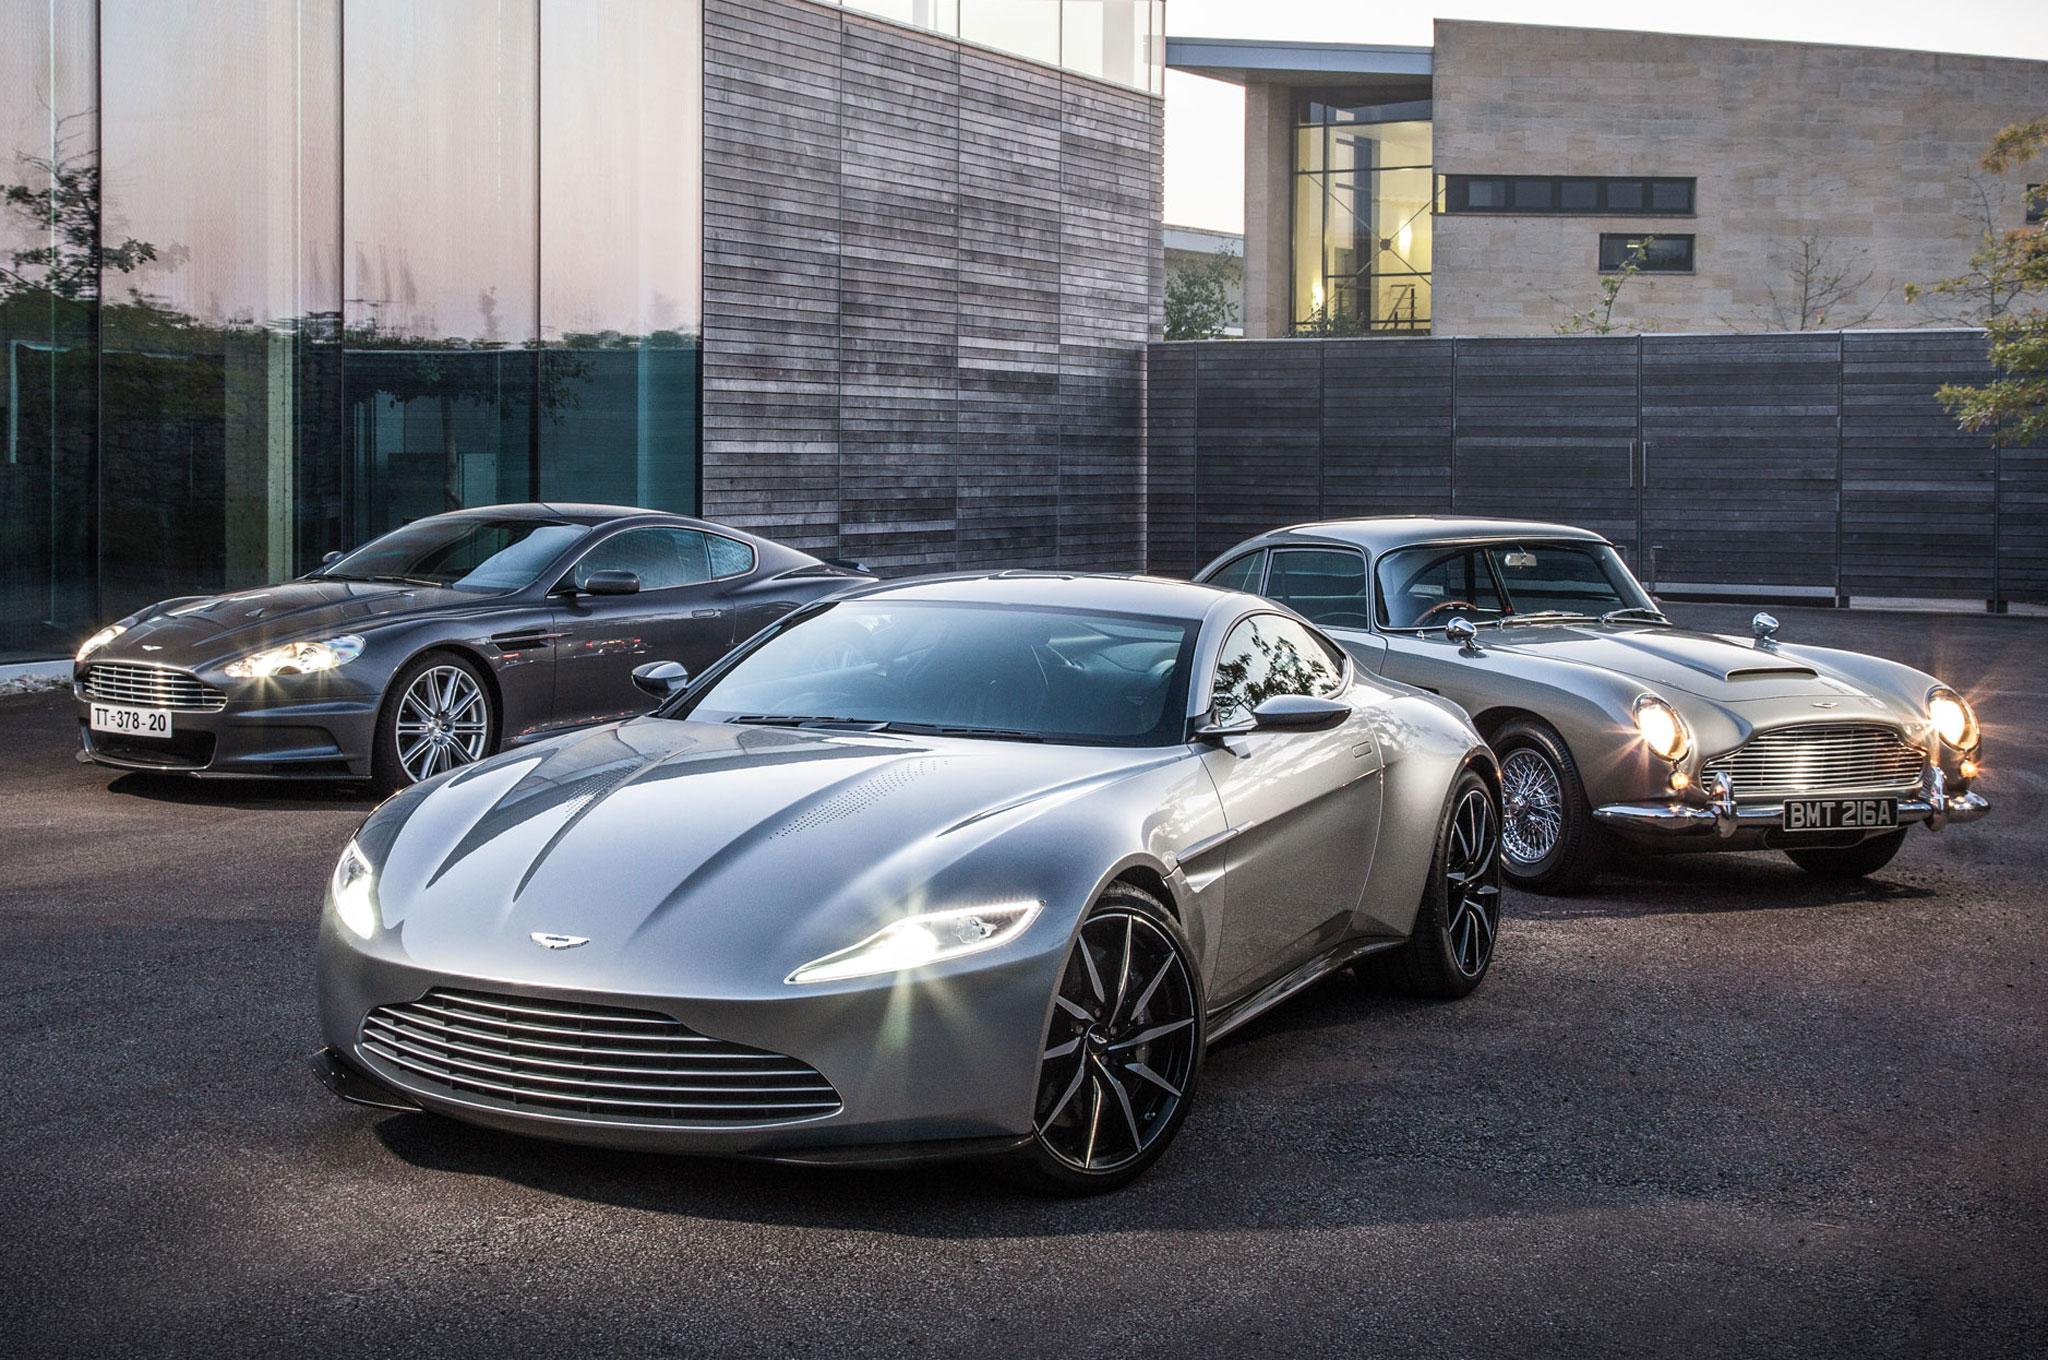 James Bond Cars Lead